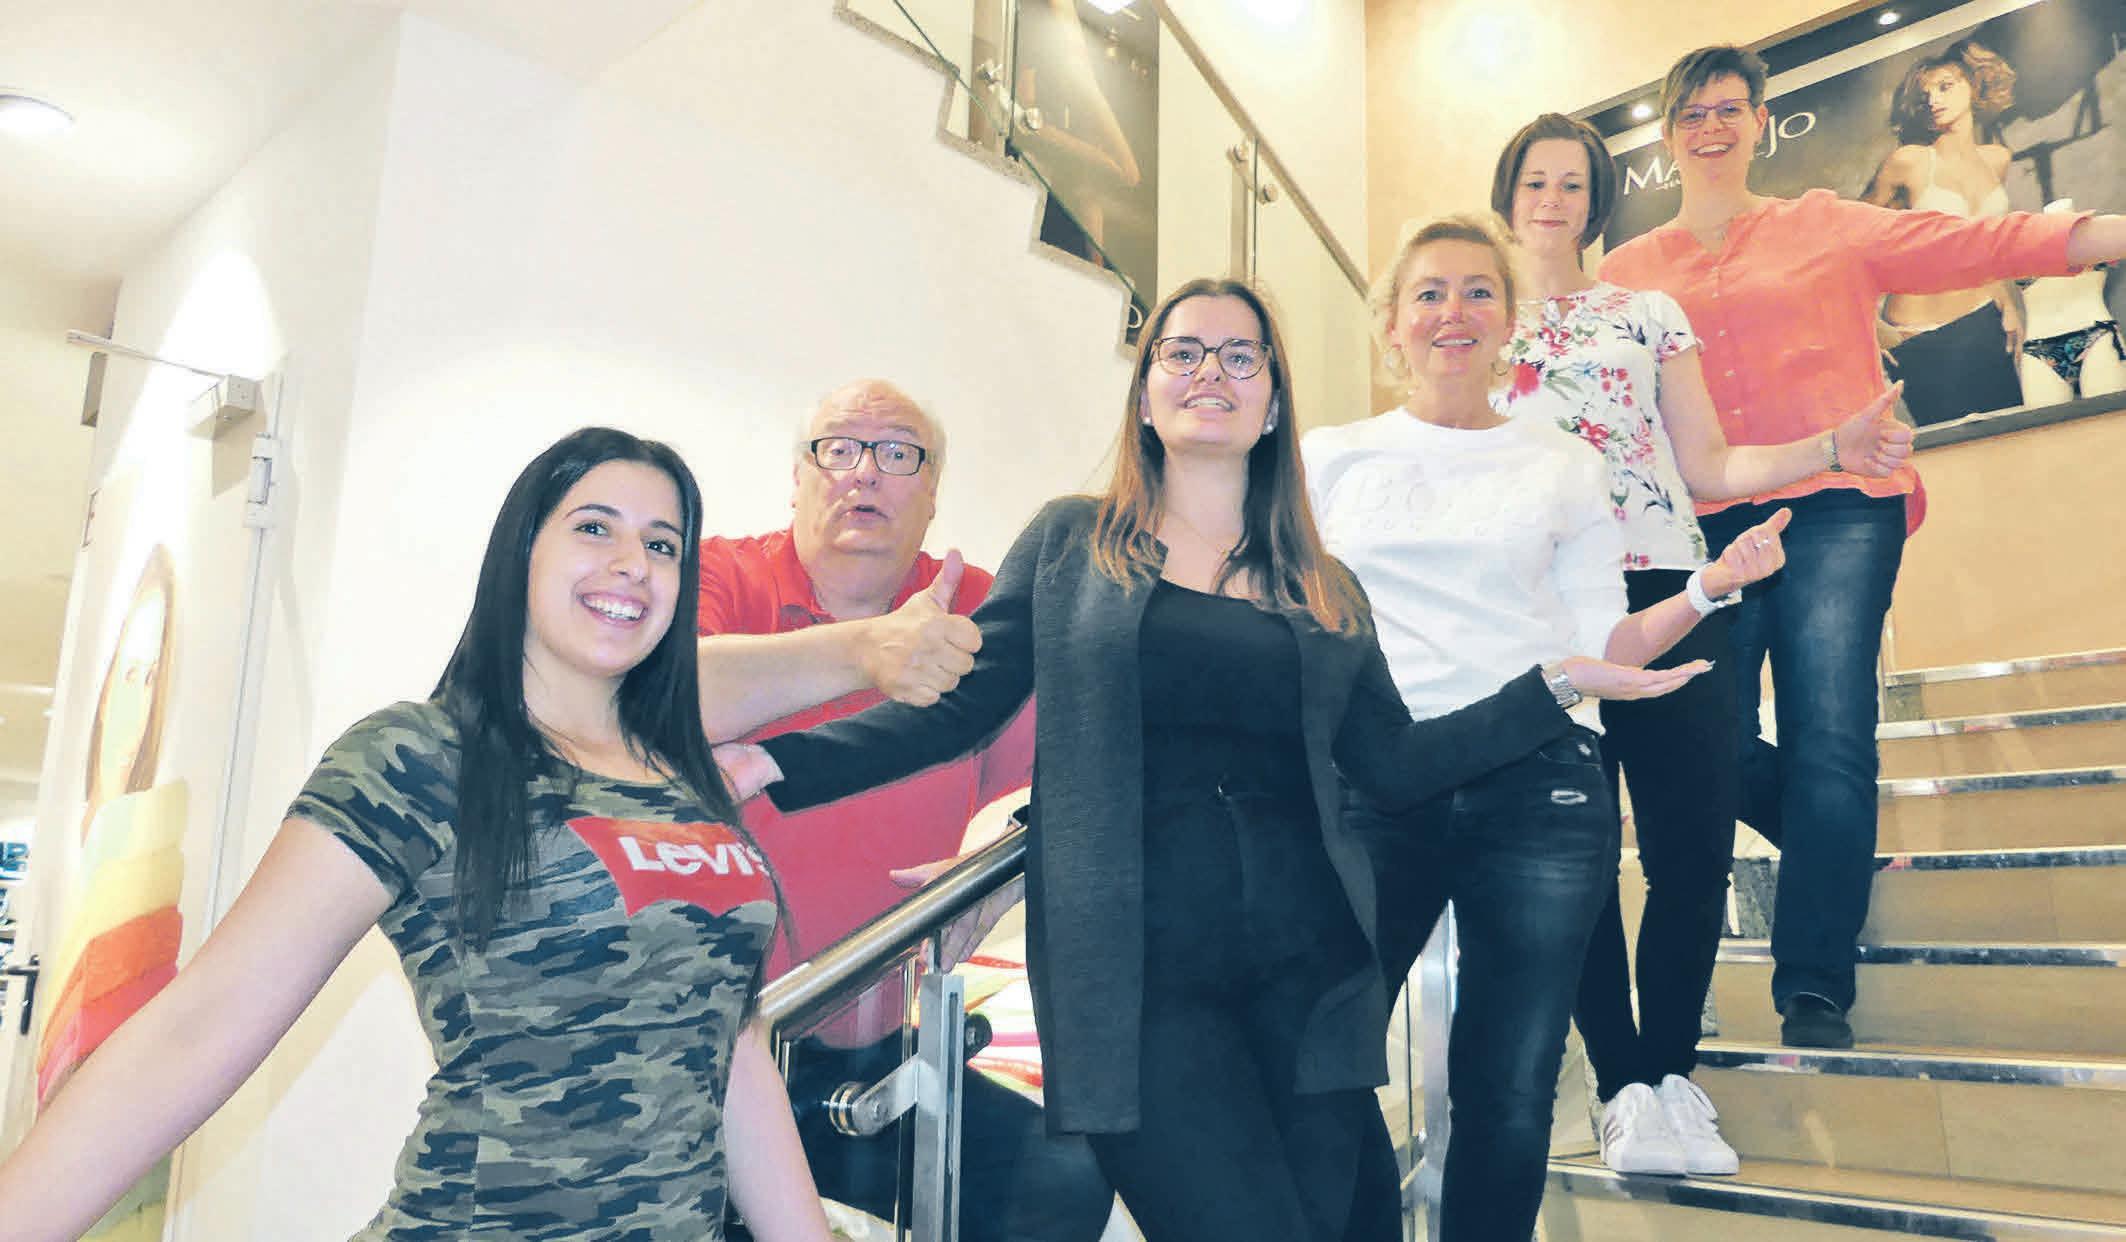 Zählen Schritte für das Hospiz (v. l.): Rima Dagher, Eleonora Restelica, Barbara Lange, Andrea Kluge, Nicole Deeg. Matthias Lange (hinten) drückt die Daumen. Foto: Gesa Walkhoff